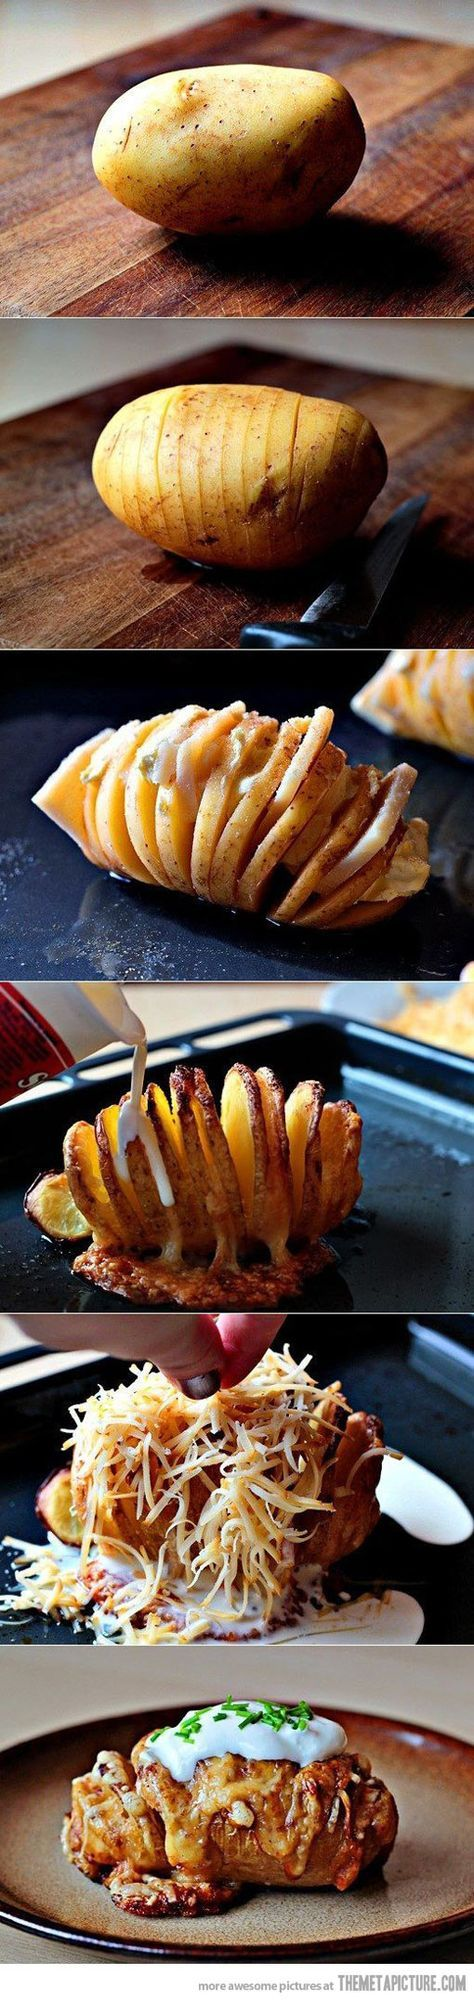 5 idées pour rendre les pommes de terre un peu moins rabat-joie - Confidentielles